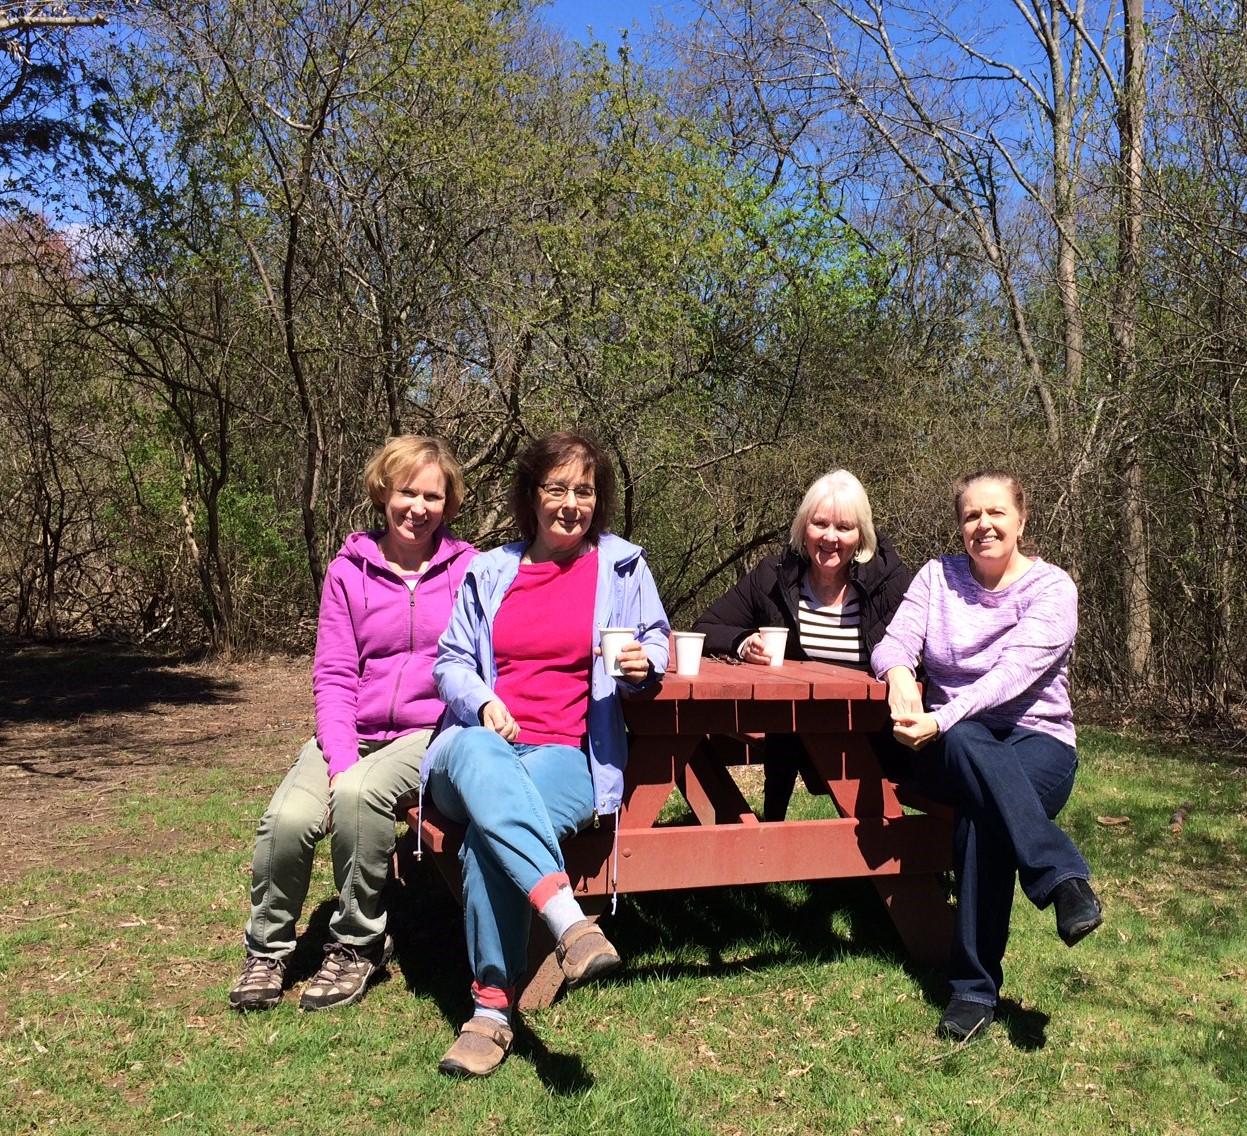 Spring Retreat 2019 at Picnic Table